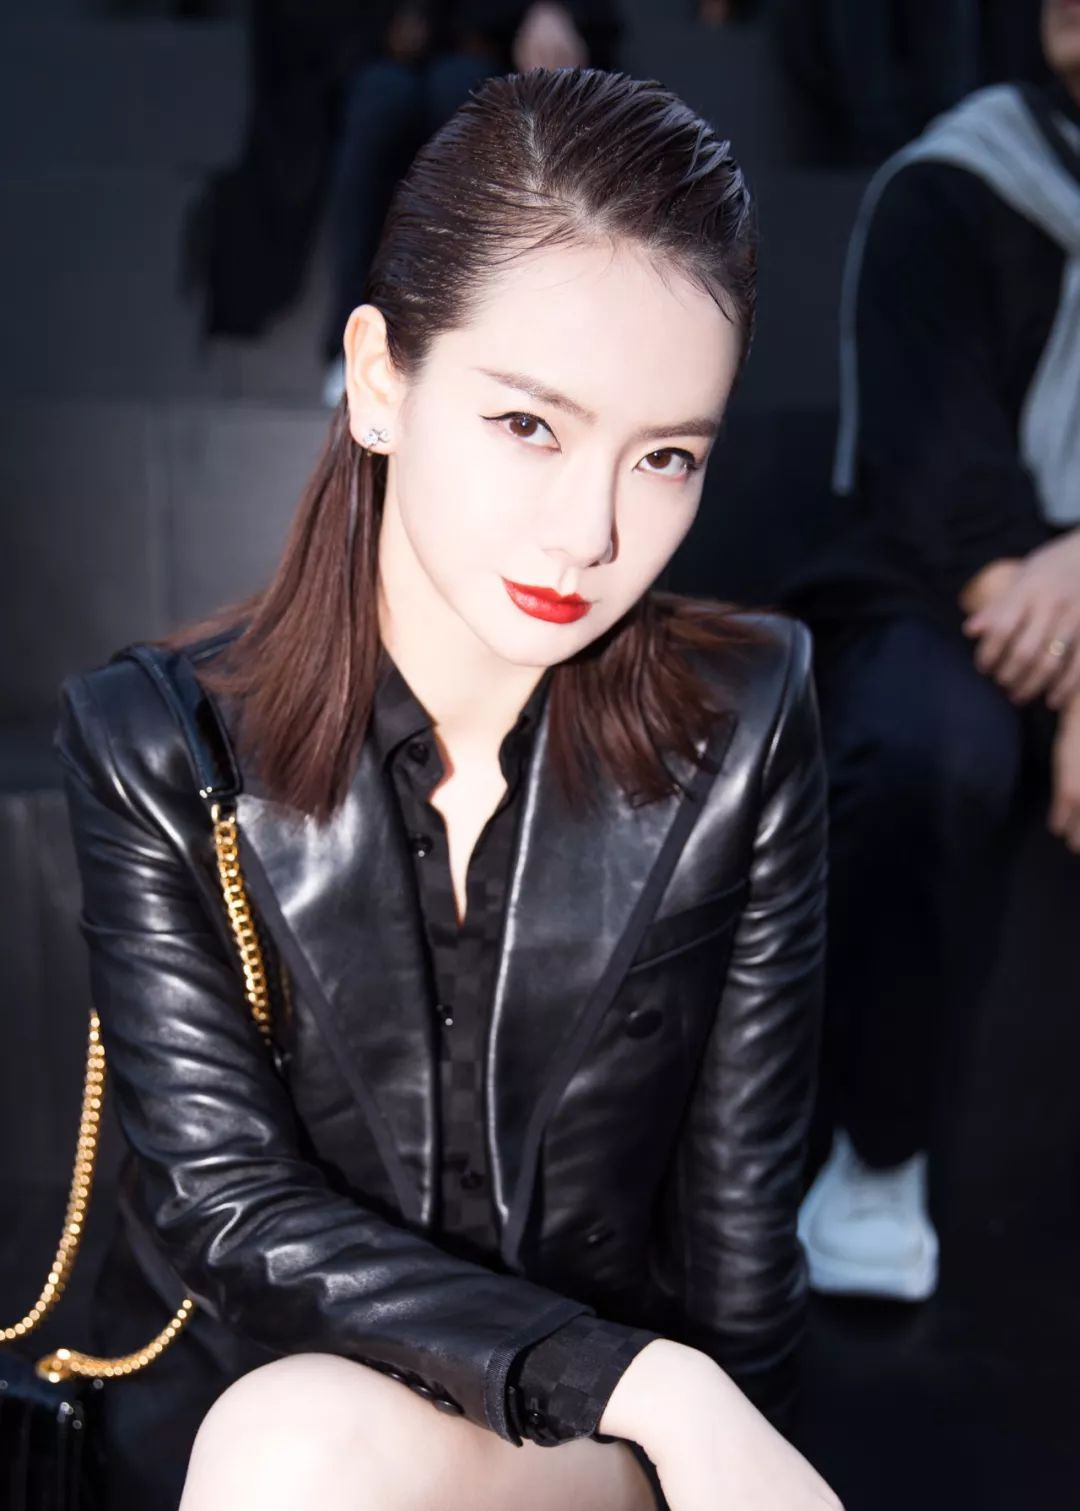 辣妈戚薇成为时尚界宠儿,堪称时髦最佳范本,真的是啥风格都能妥妥的驾驭